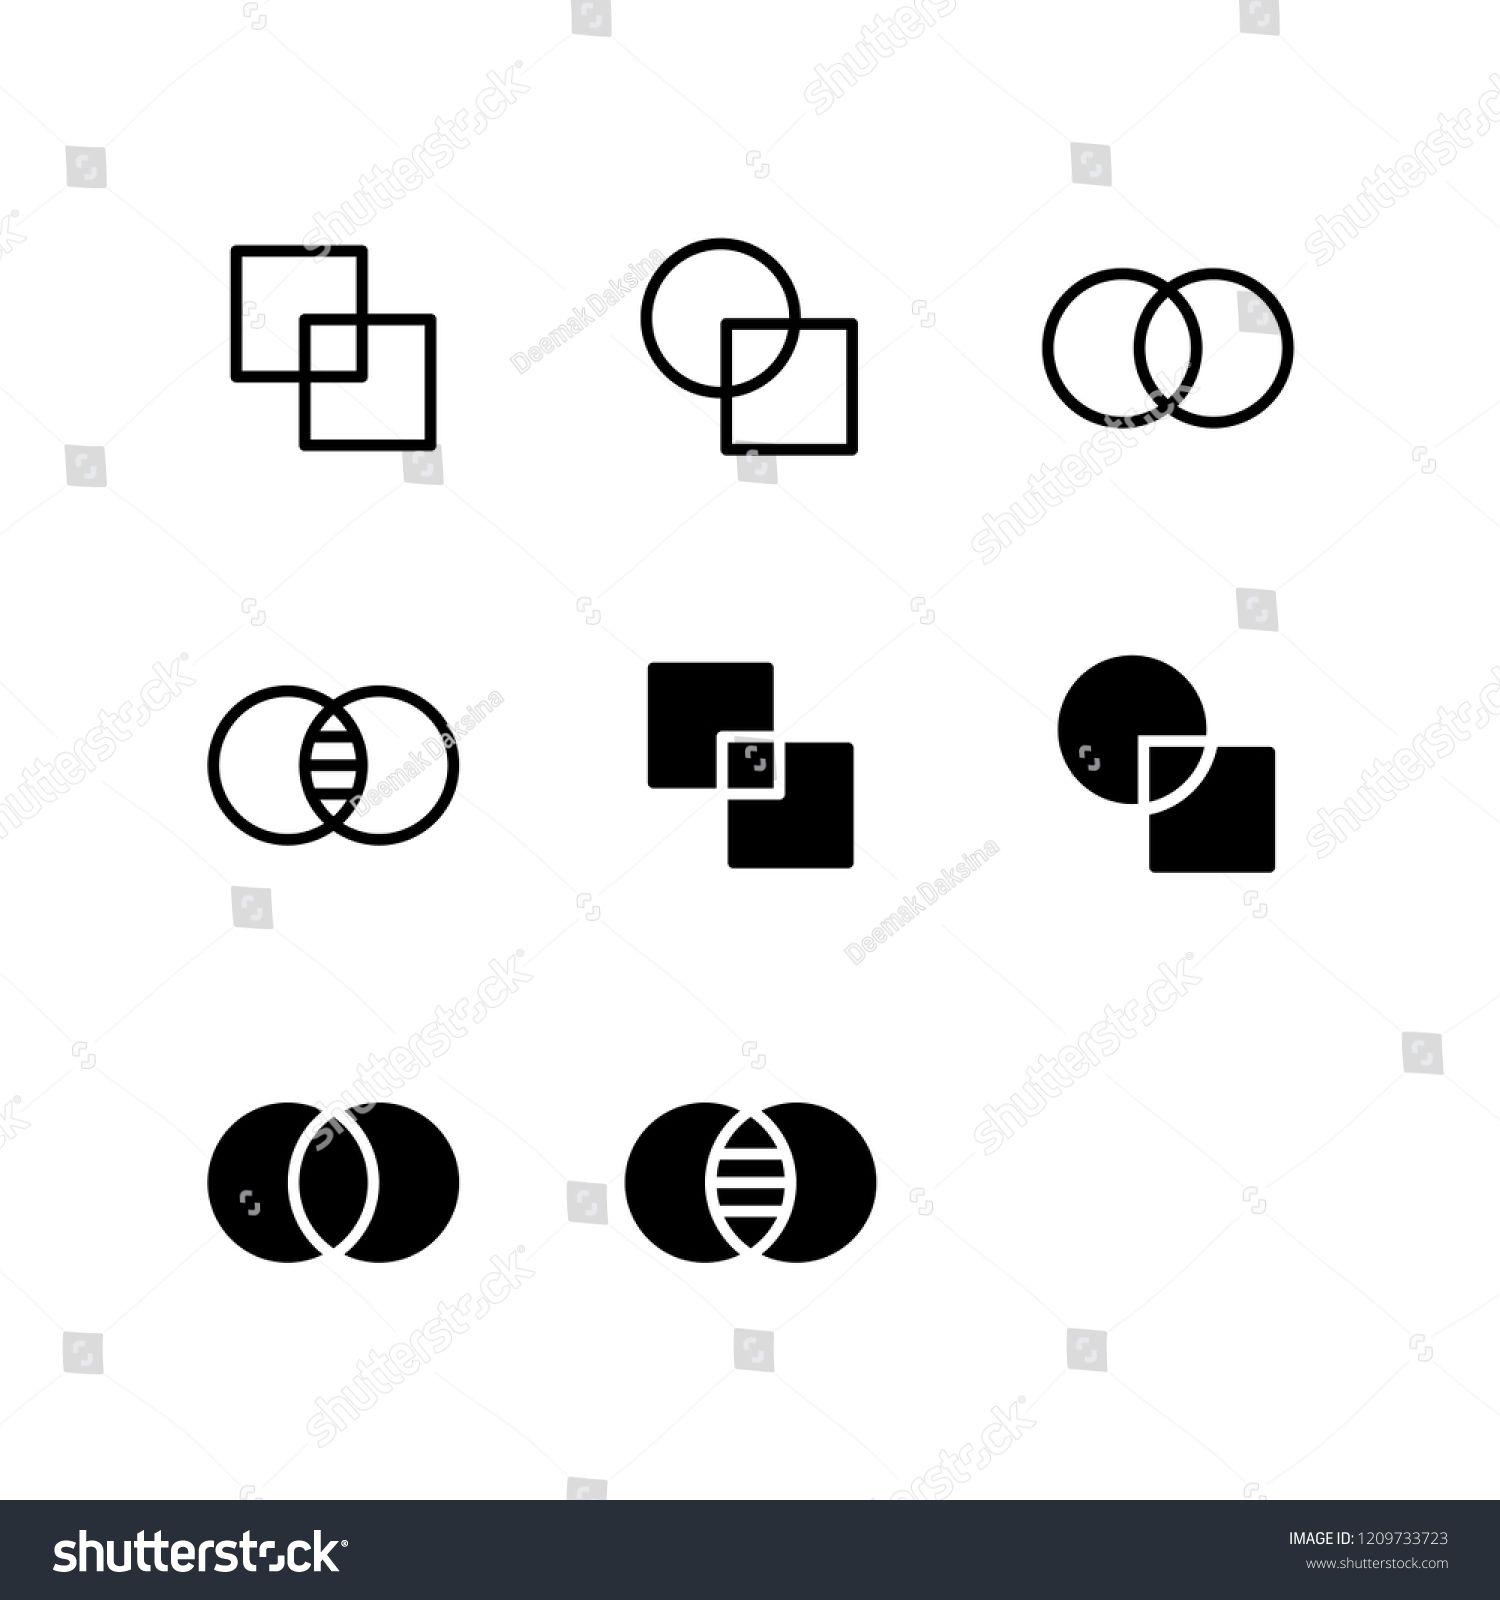 Overlap icon design overlap copy paste merge duplicate